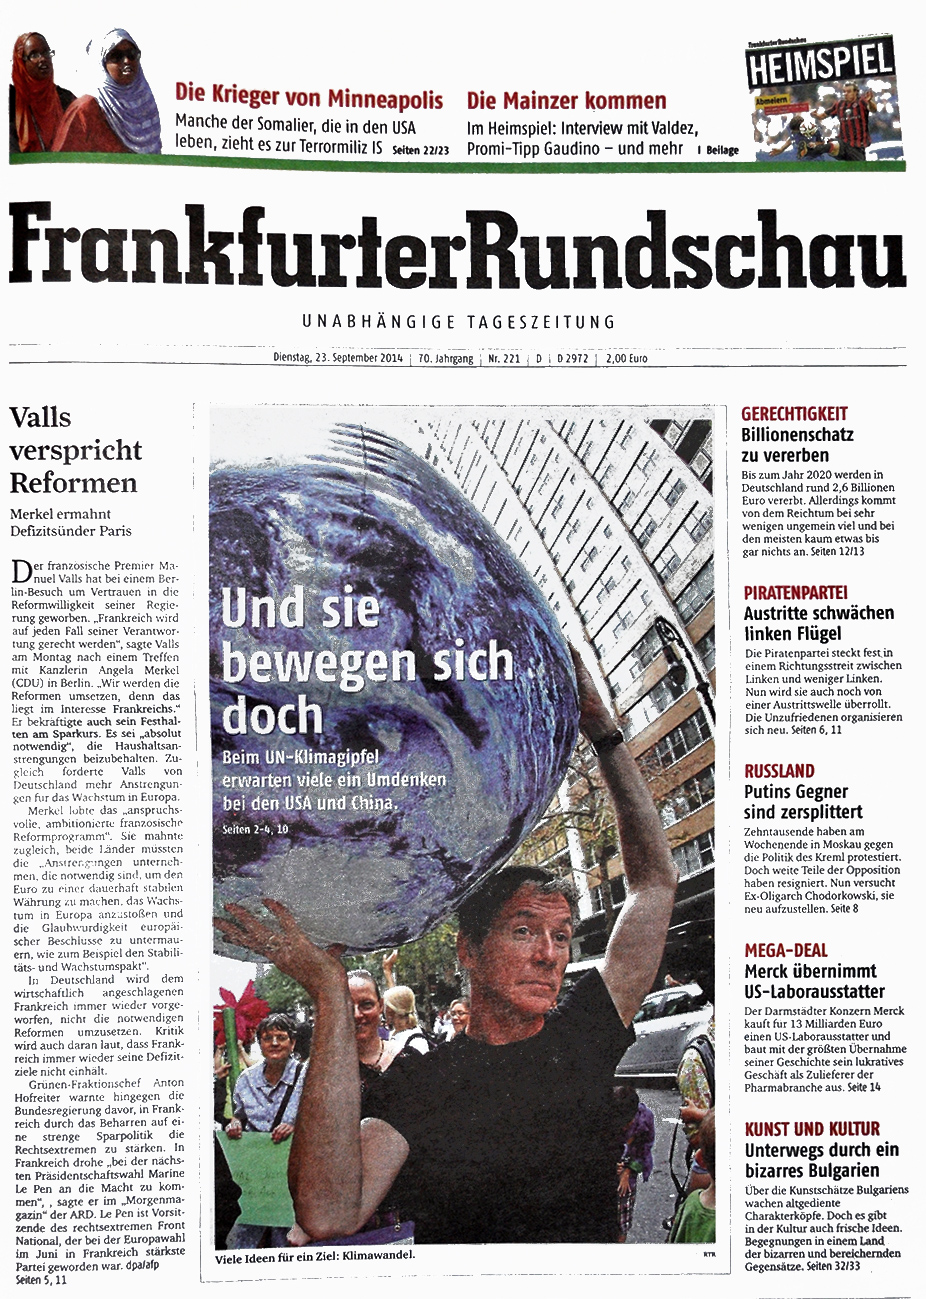 Frankfurter rundschau er sucht sie